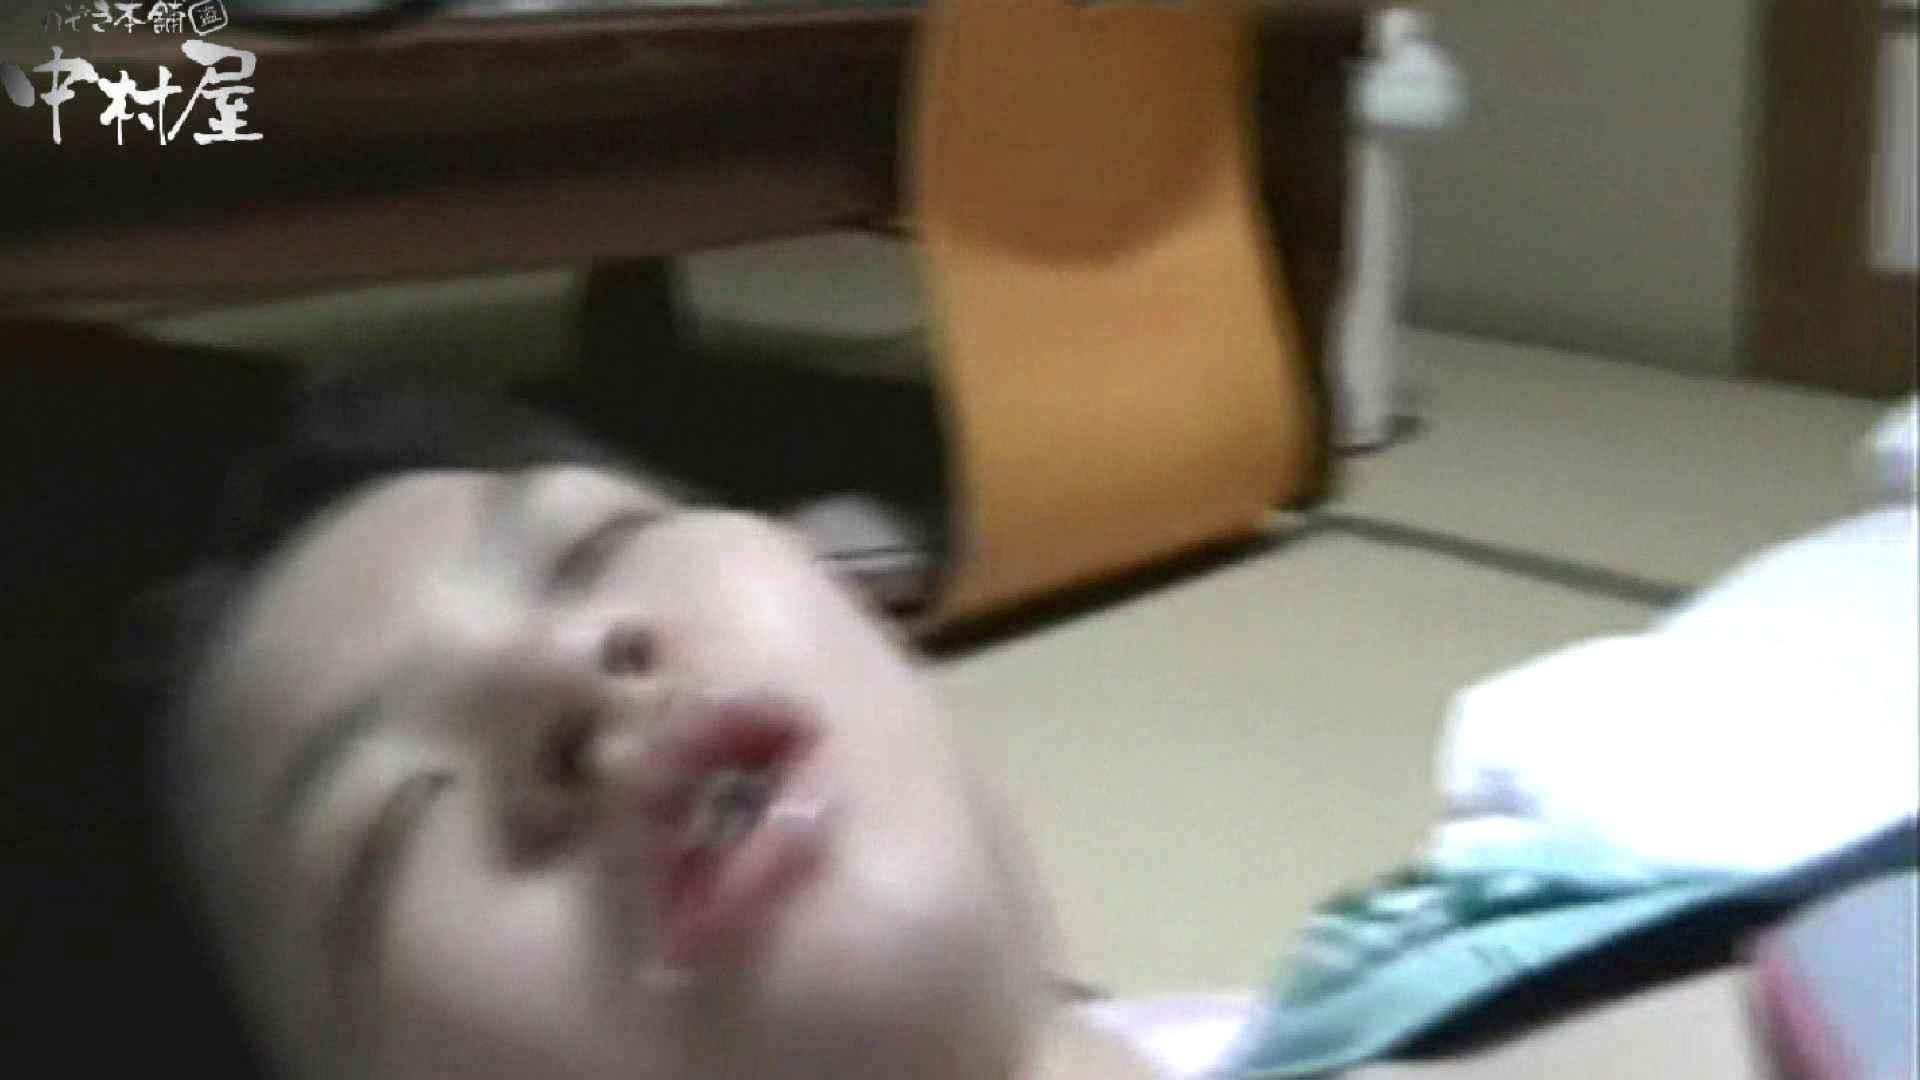 ネムリ姫 vol.07 OLセックス 盗撮われめAV動画紹介 71画像 32